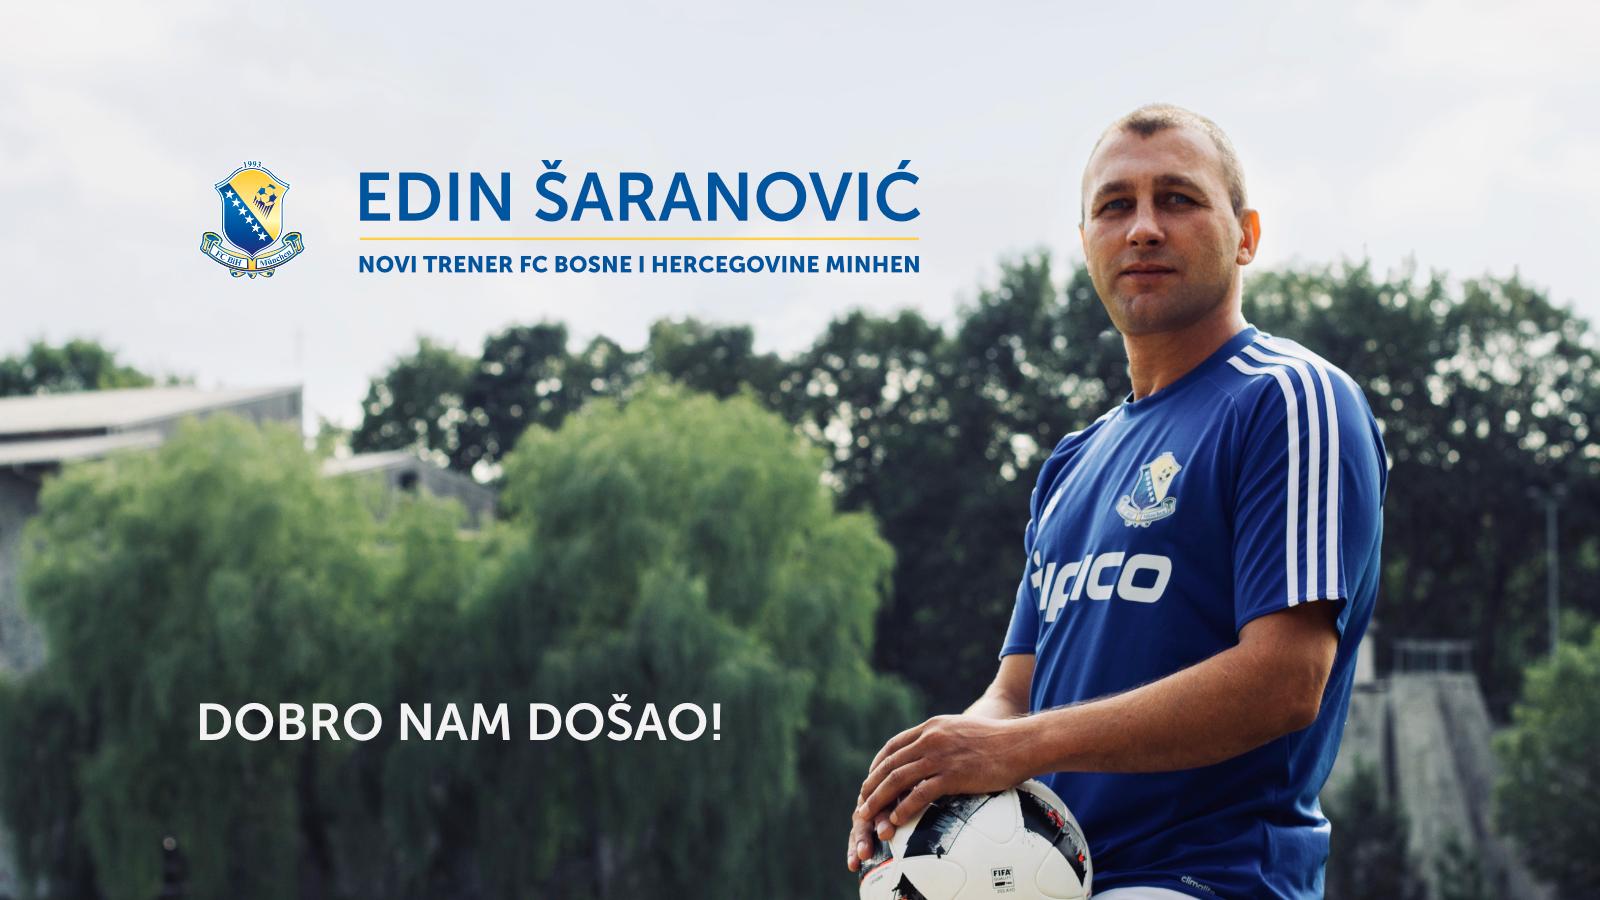 Dobro nam došao - Edin Šaranovic